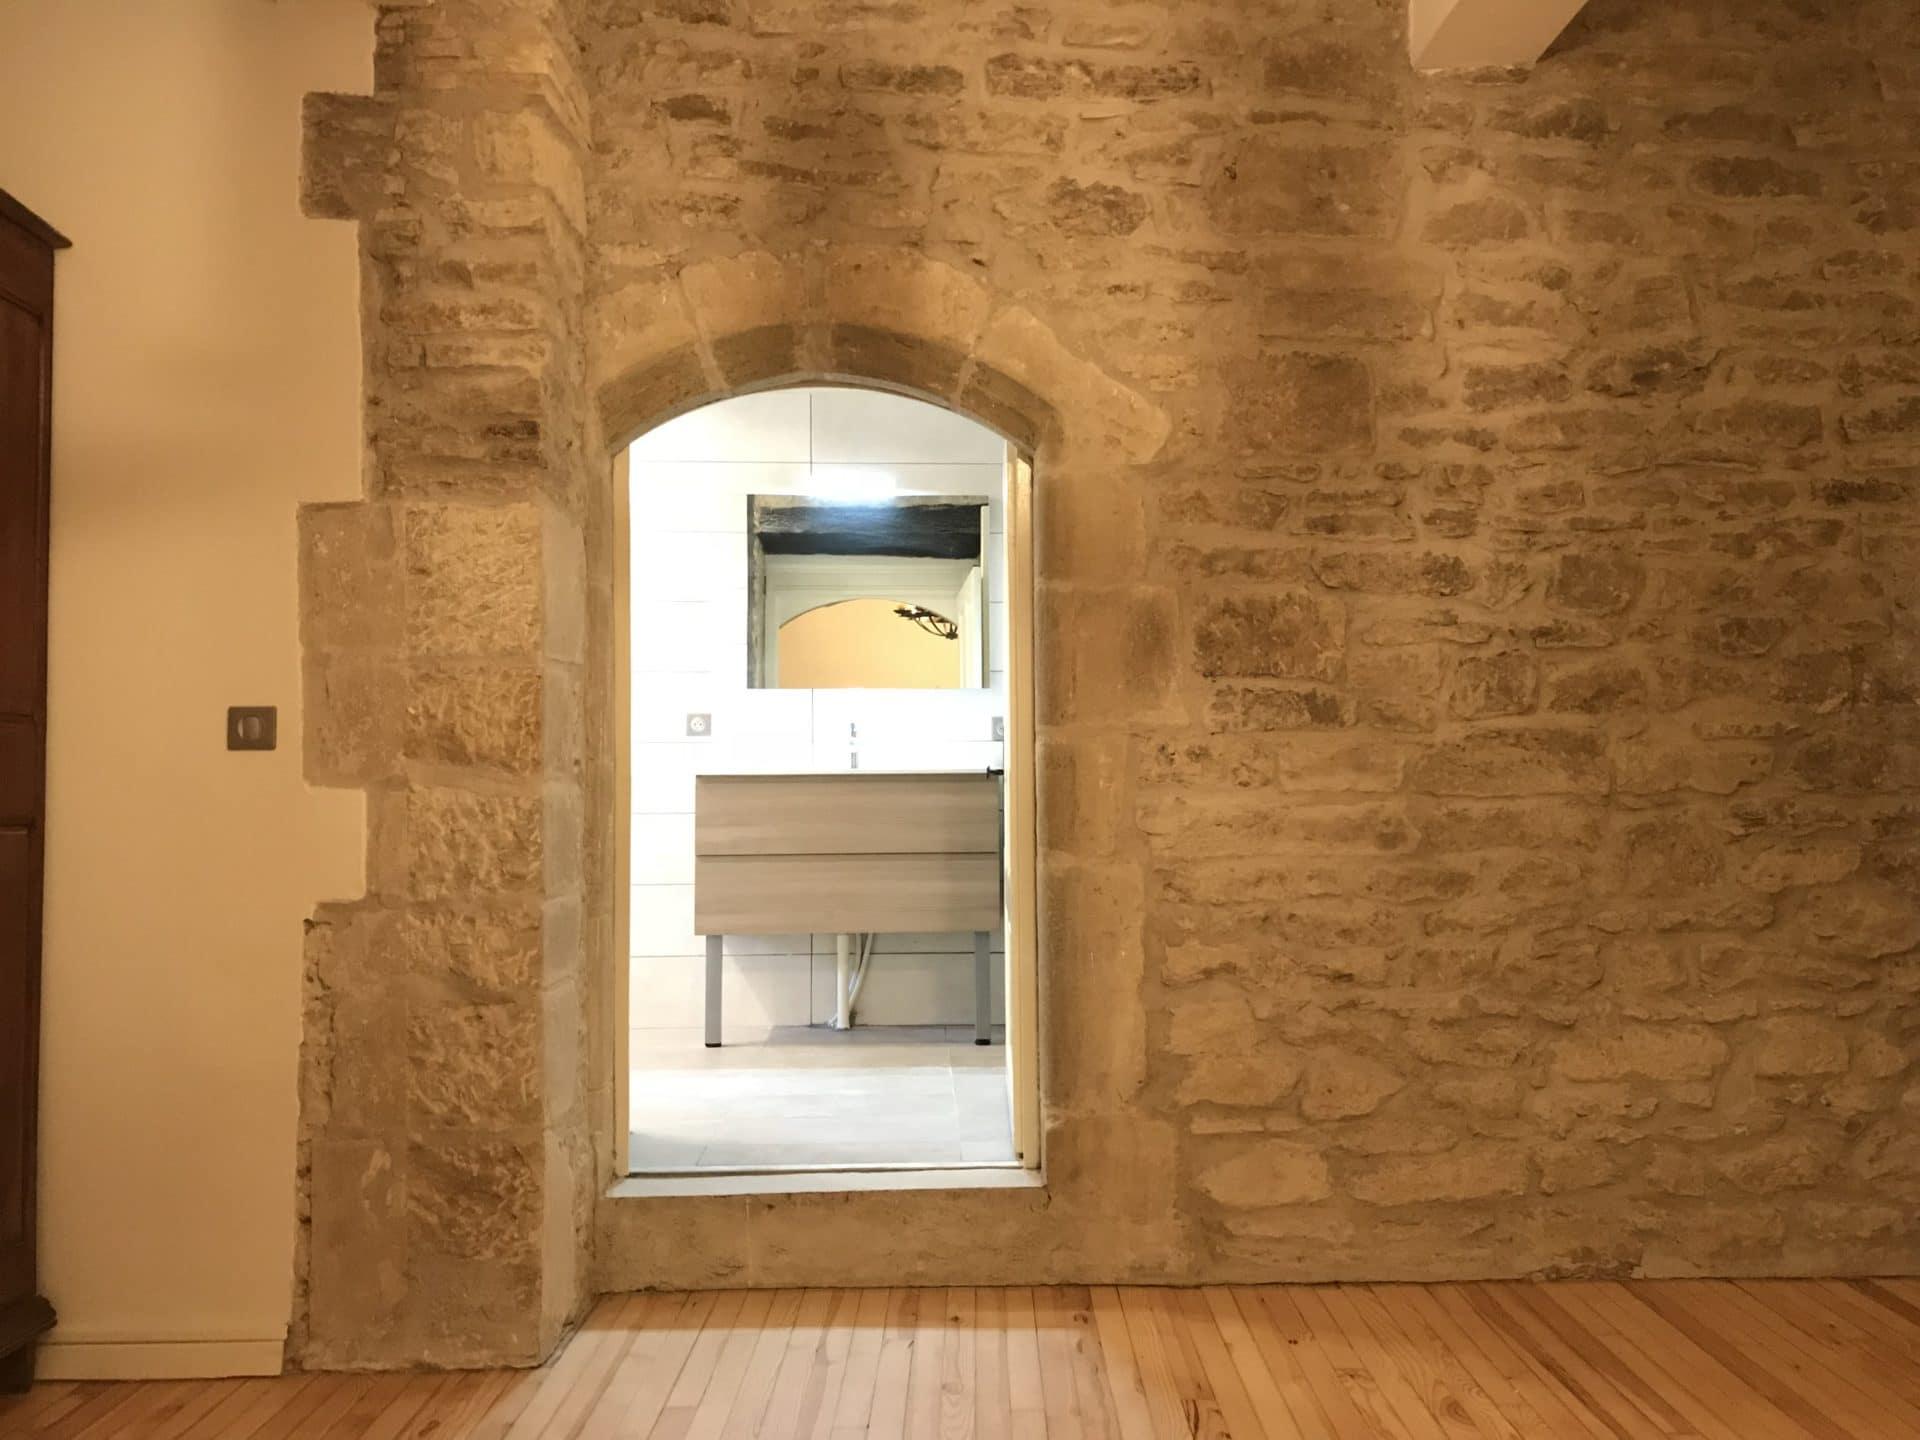 Habiller Un Mur Exterieur En Parpaing poser des pierres apparentes pour décorer un mur intérieur